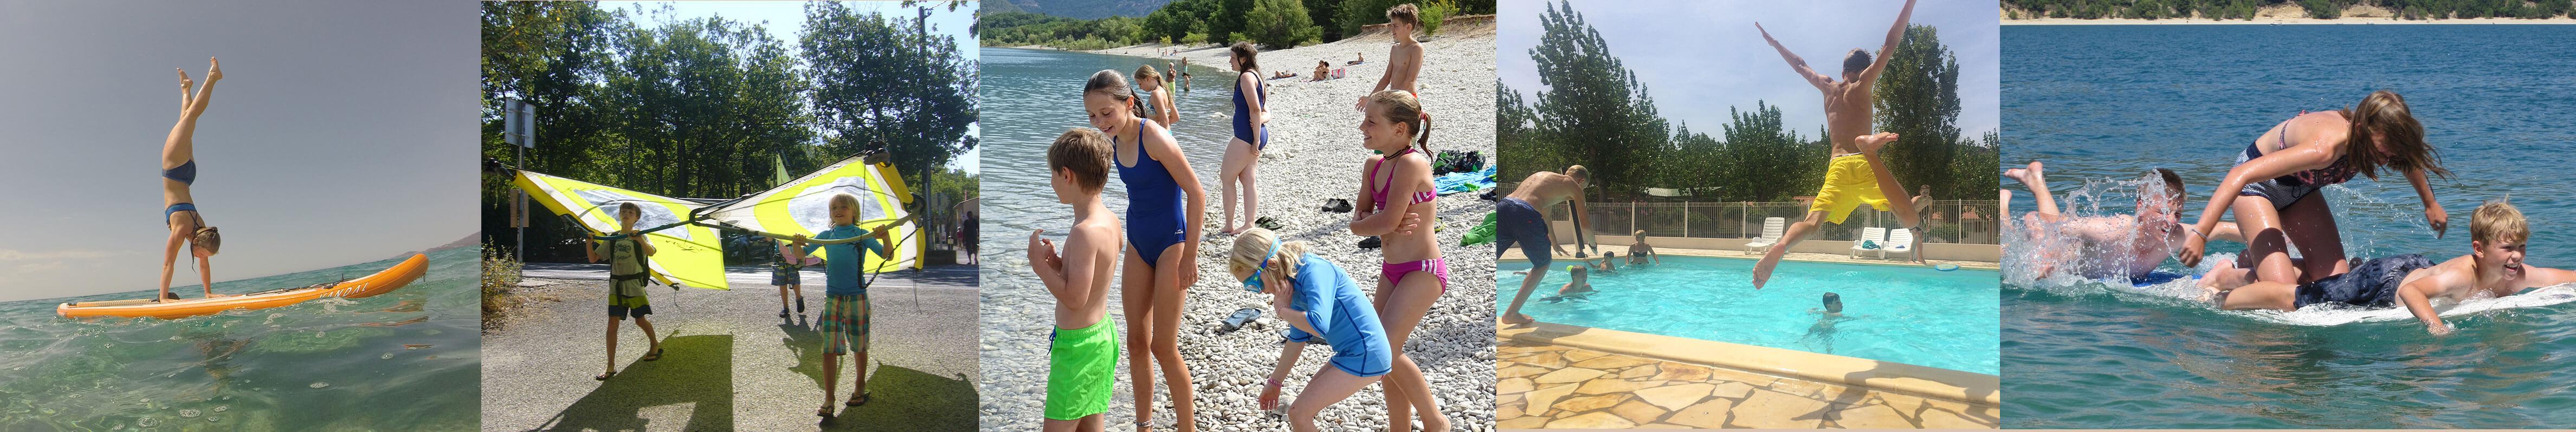 Szenen von verschiedenen sportlichen Aktivitäten